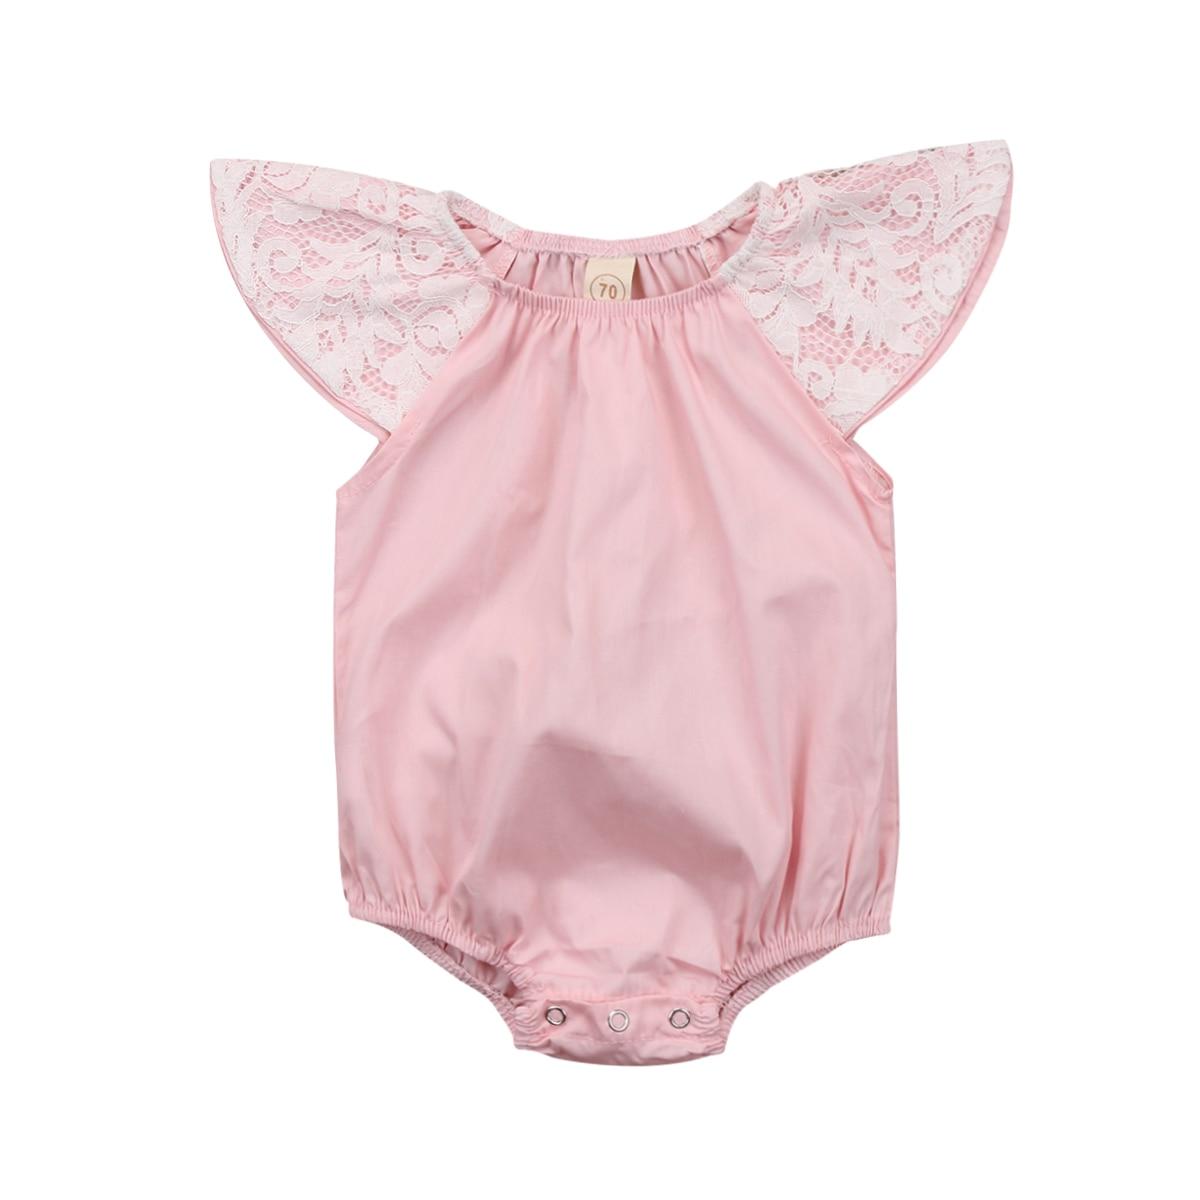 Newborn Baby Girls Lace Floral Romper Jumpsuit Jumper Outfits Sunsuit